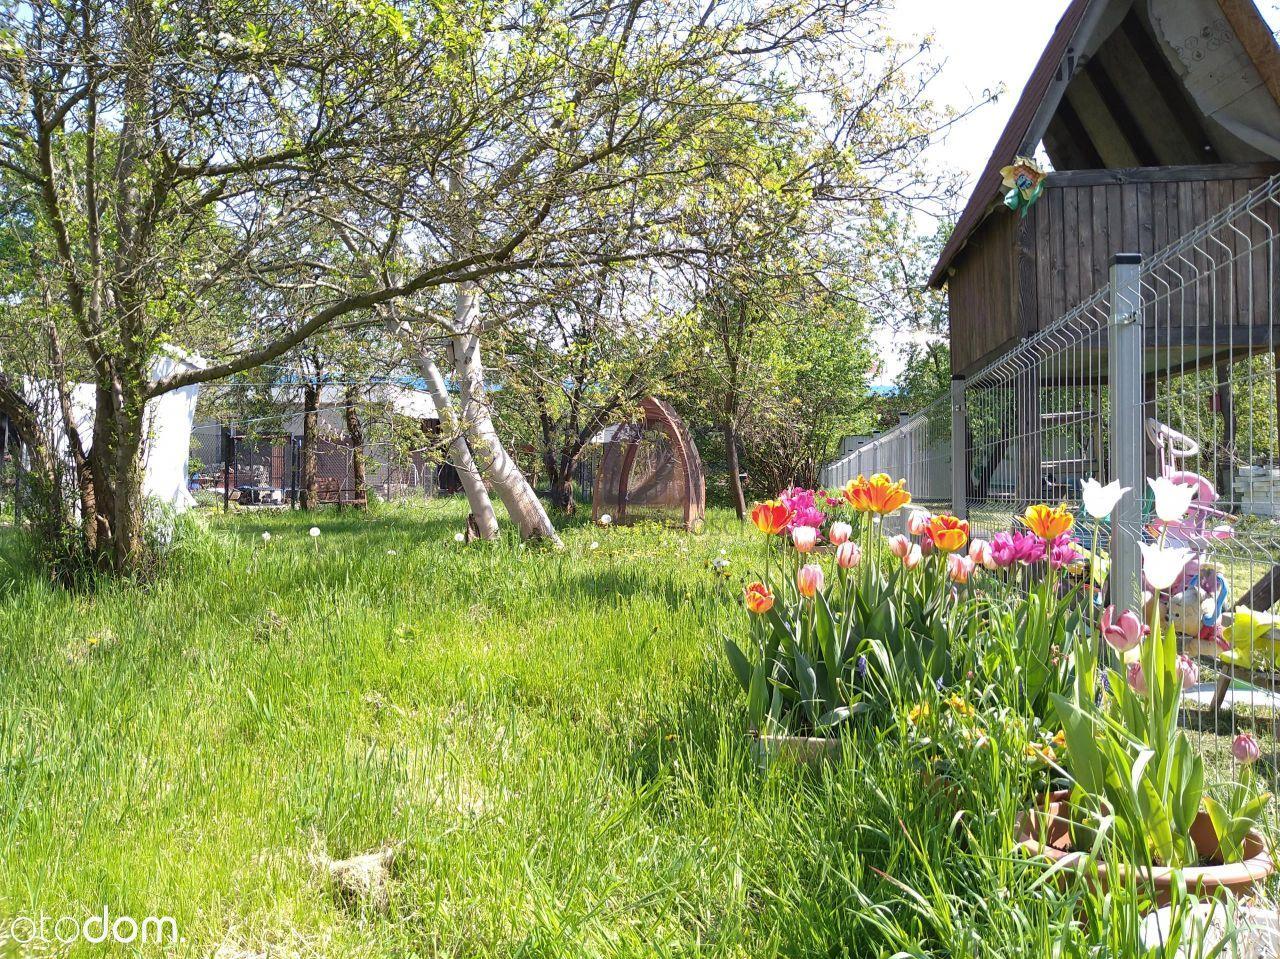 Nowa Cena/Bezczynszowe/duży ogród w mieście!